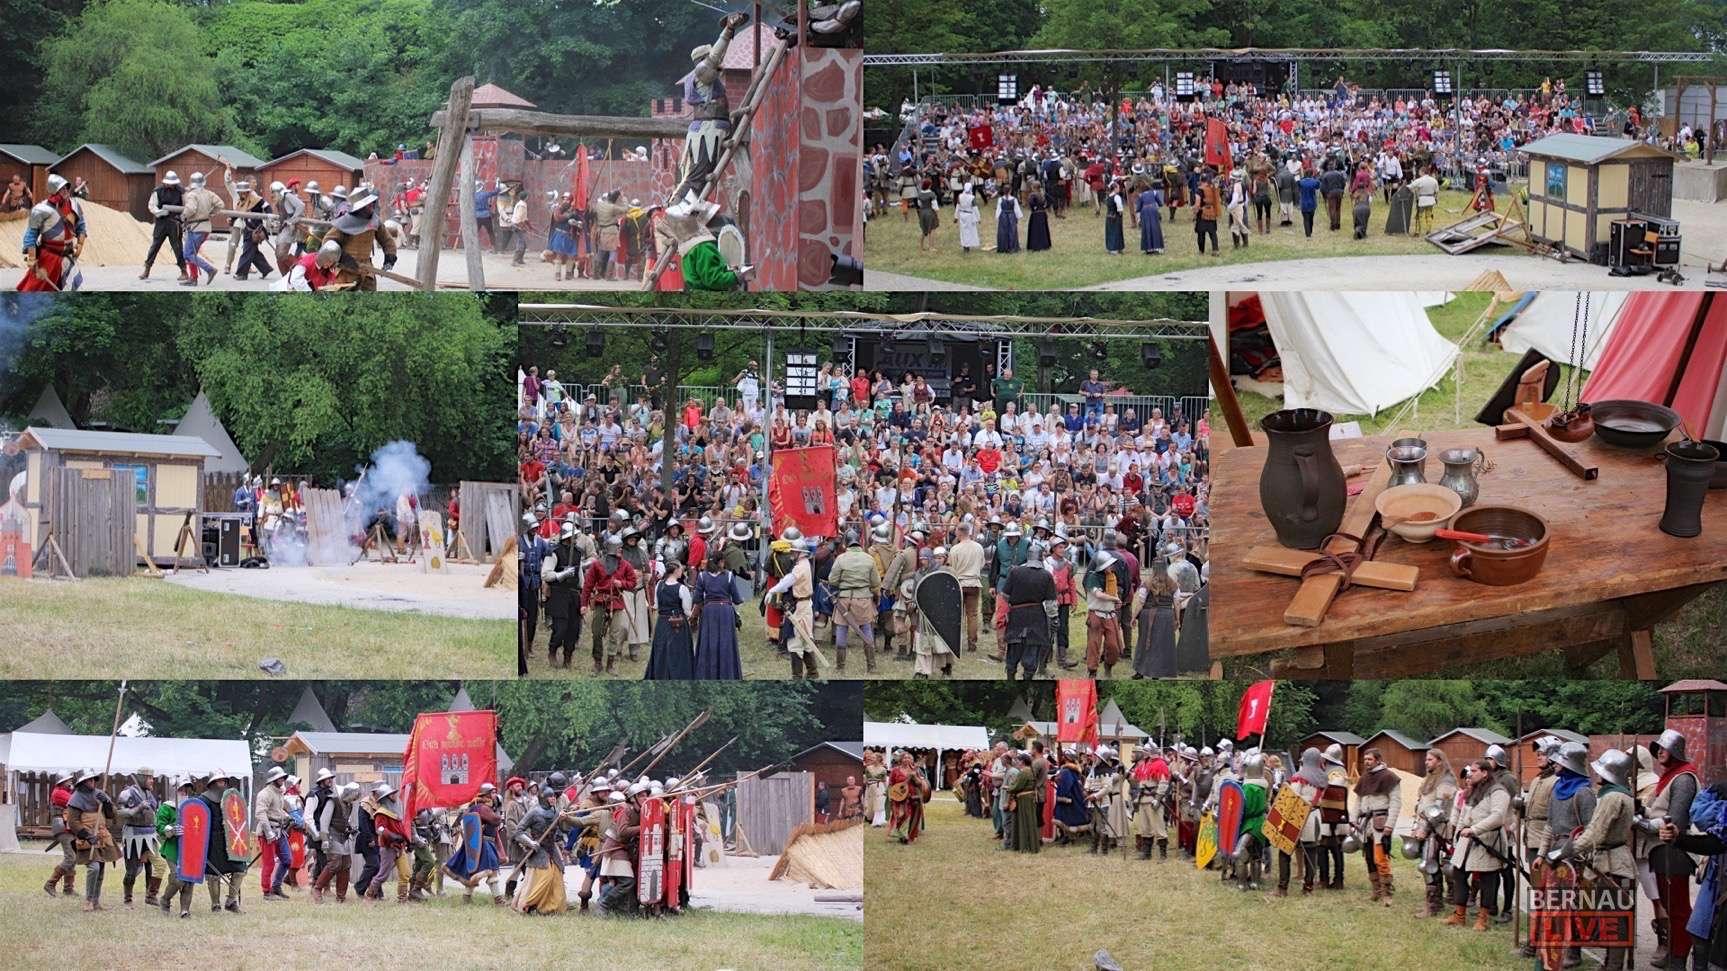 Hussitenfest Bernau: Die letzte Schlacht ist geschlagen